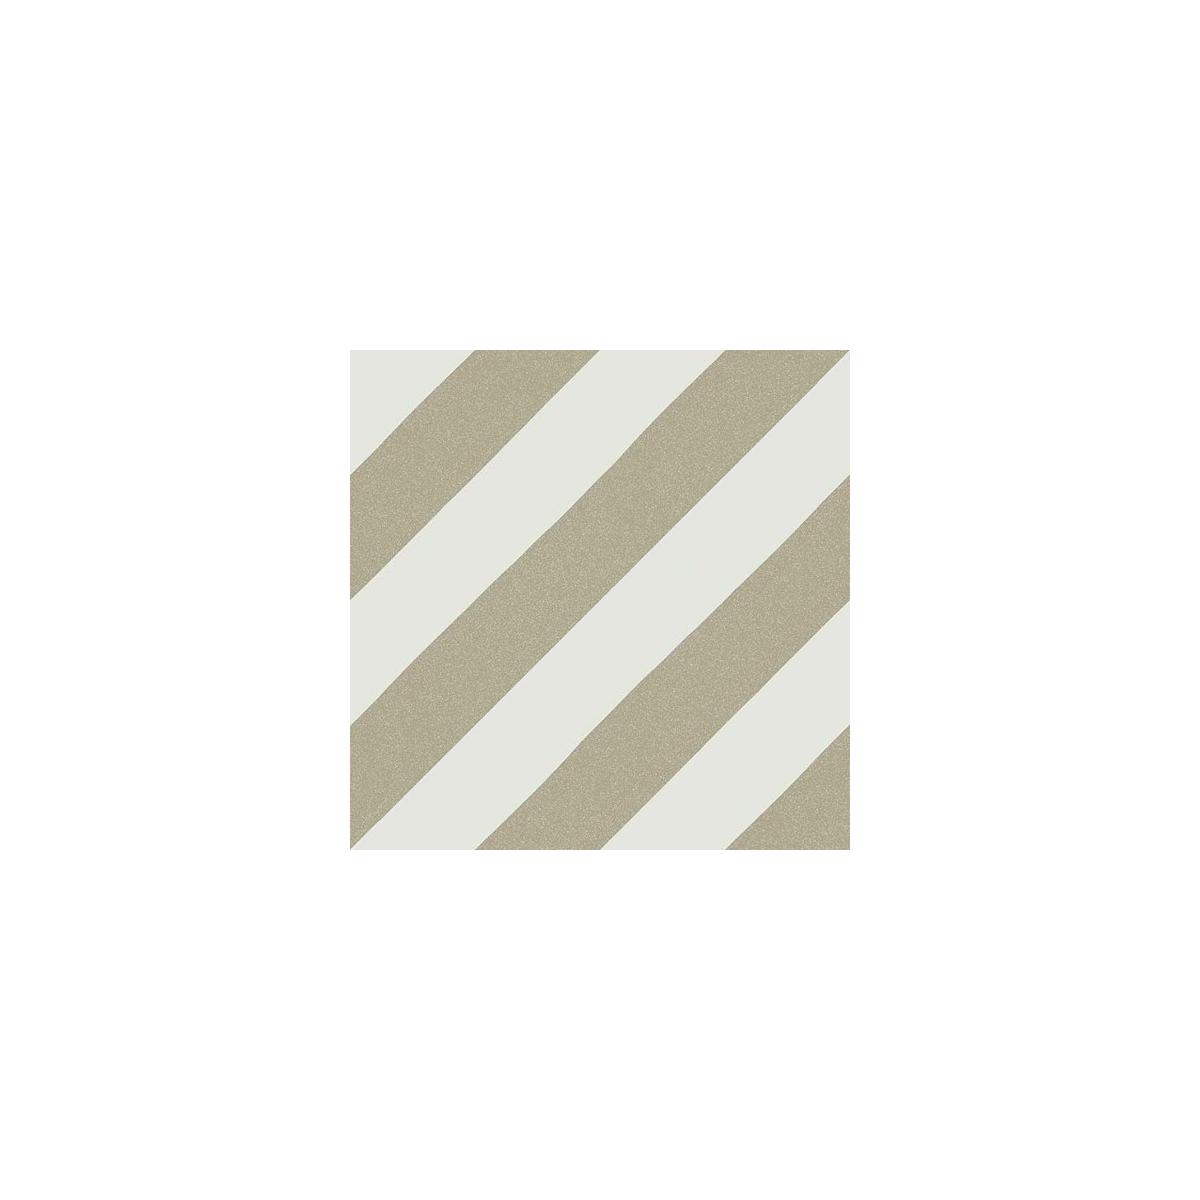 Goroka Musgo (m2) - Pavimento hidráulico al mejor precio